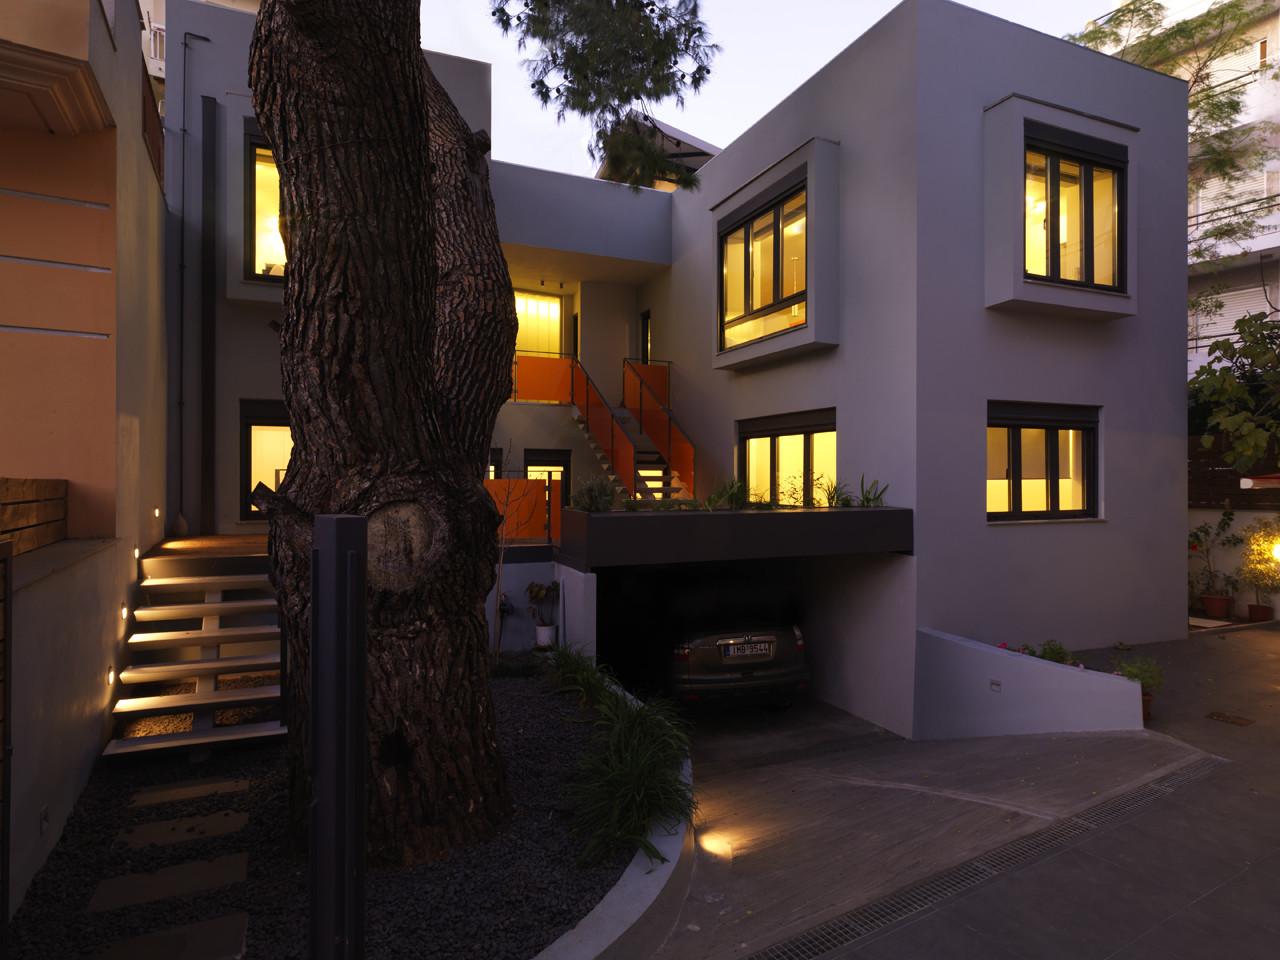 Residence in Aghia Paraskevi / Architects Unfolding + Kiki Kelesidou, © Stathis Mamalakis